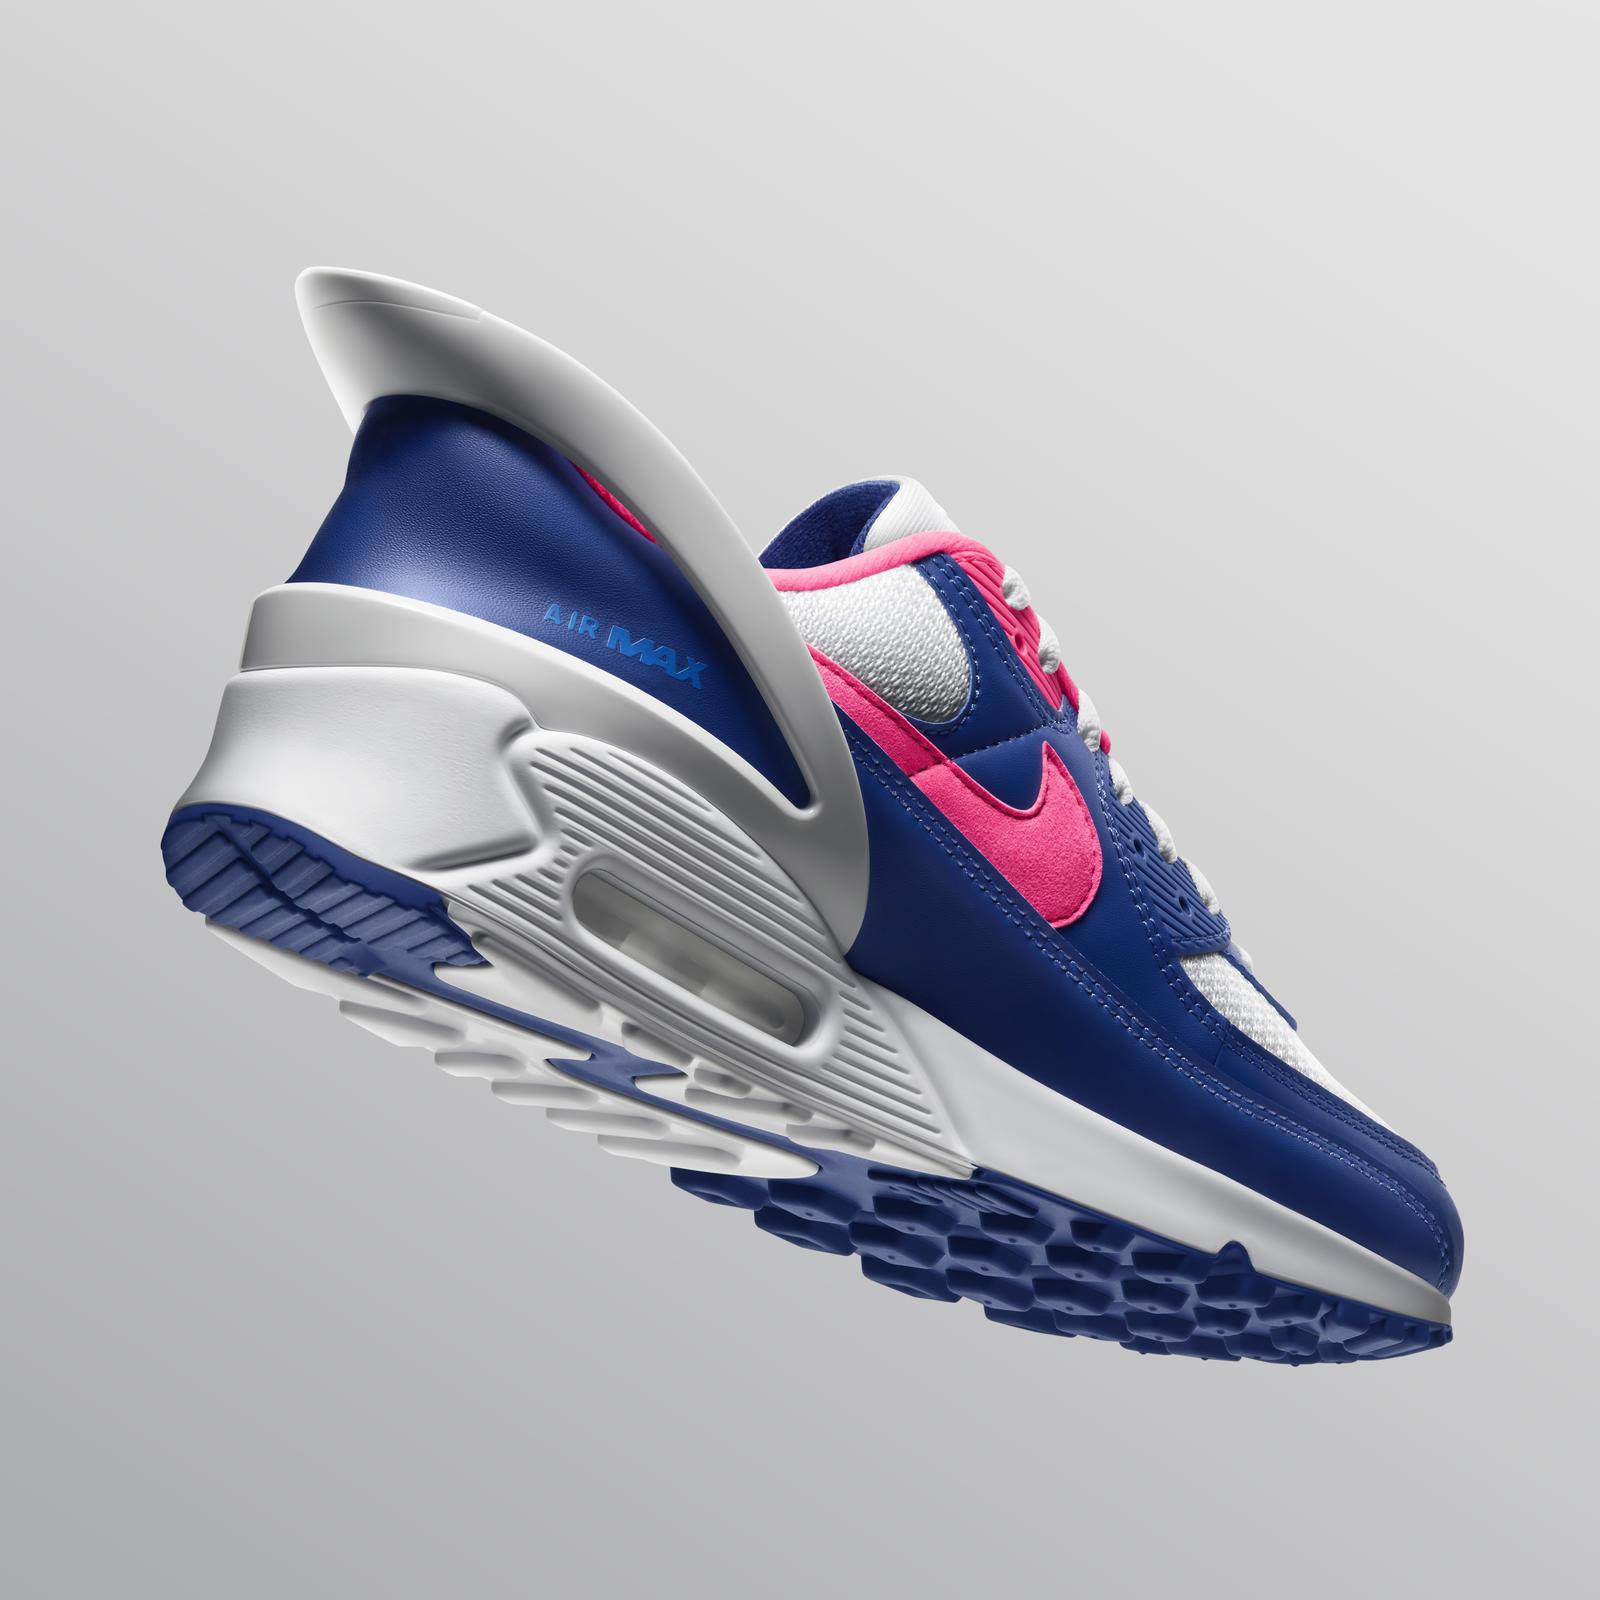 Nike Air Max 90 FlyEase WILLYA MagazineWILLYA Magazine